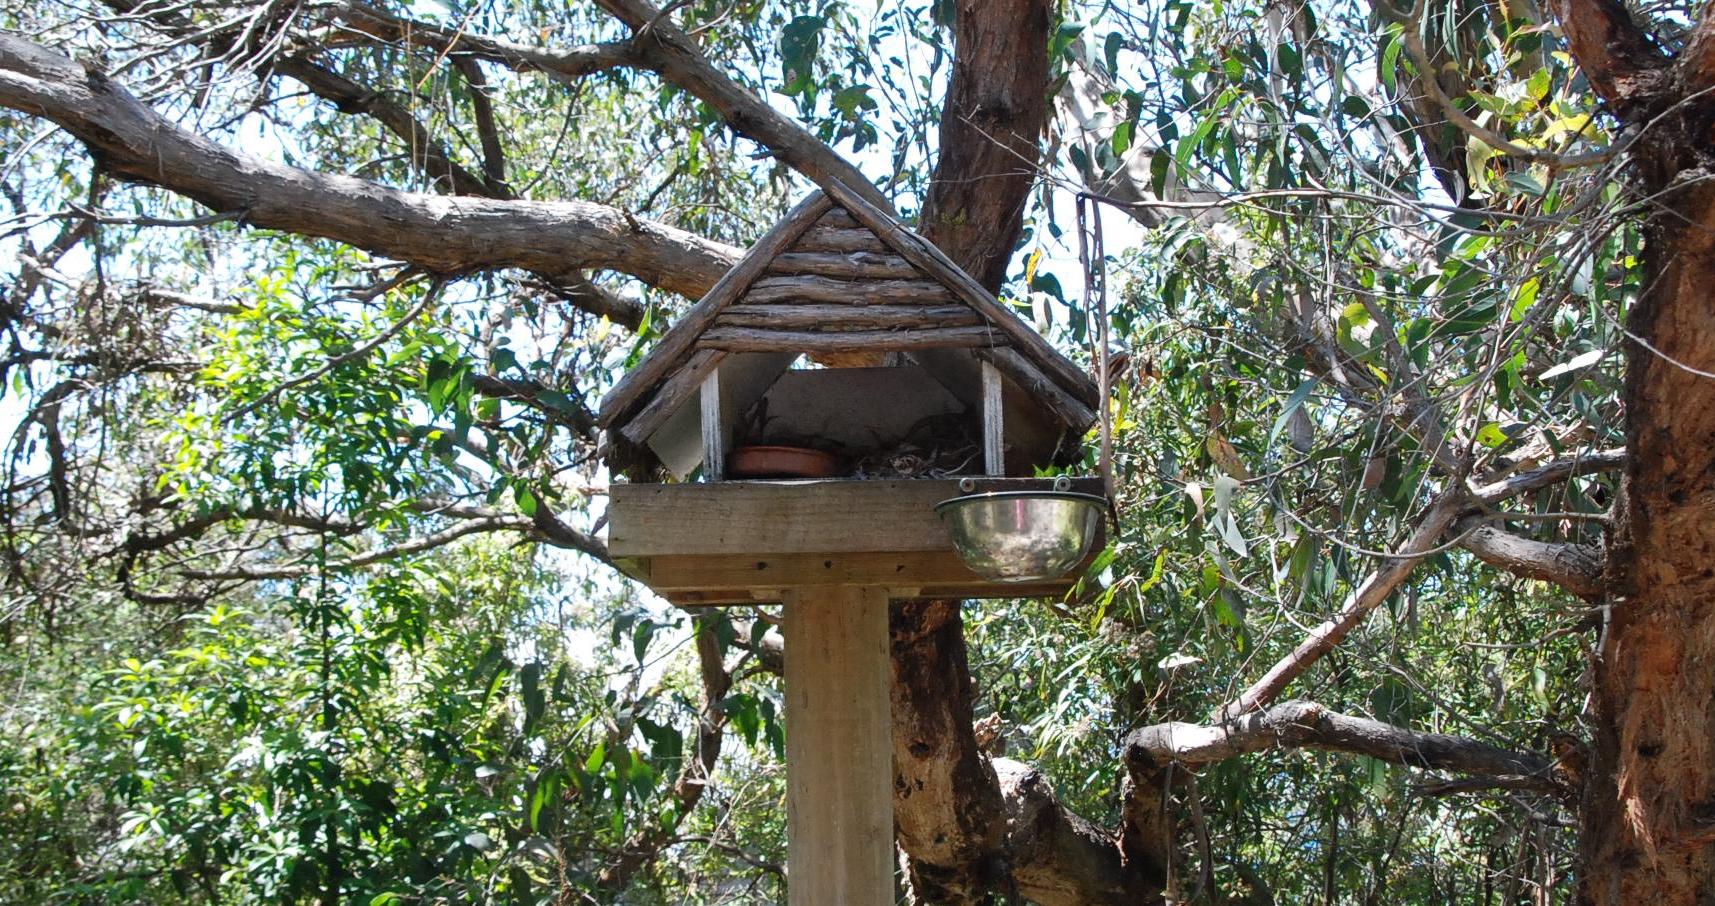 Possum Feeding Station